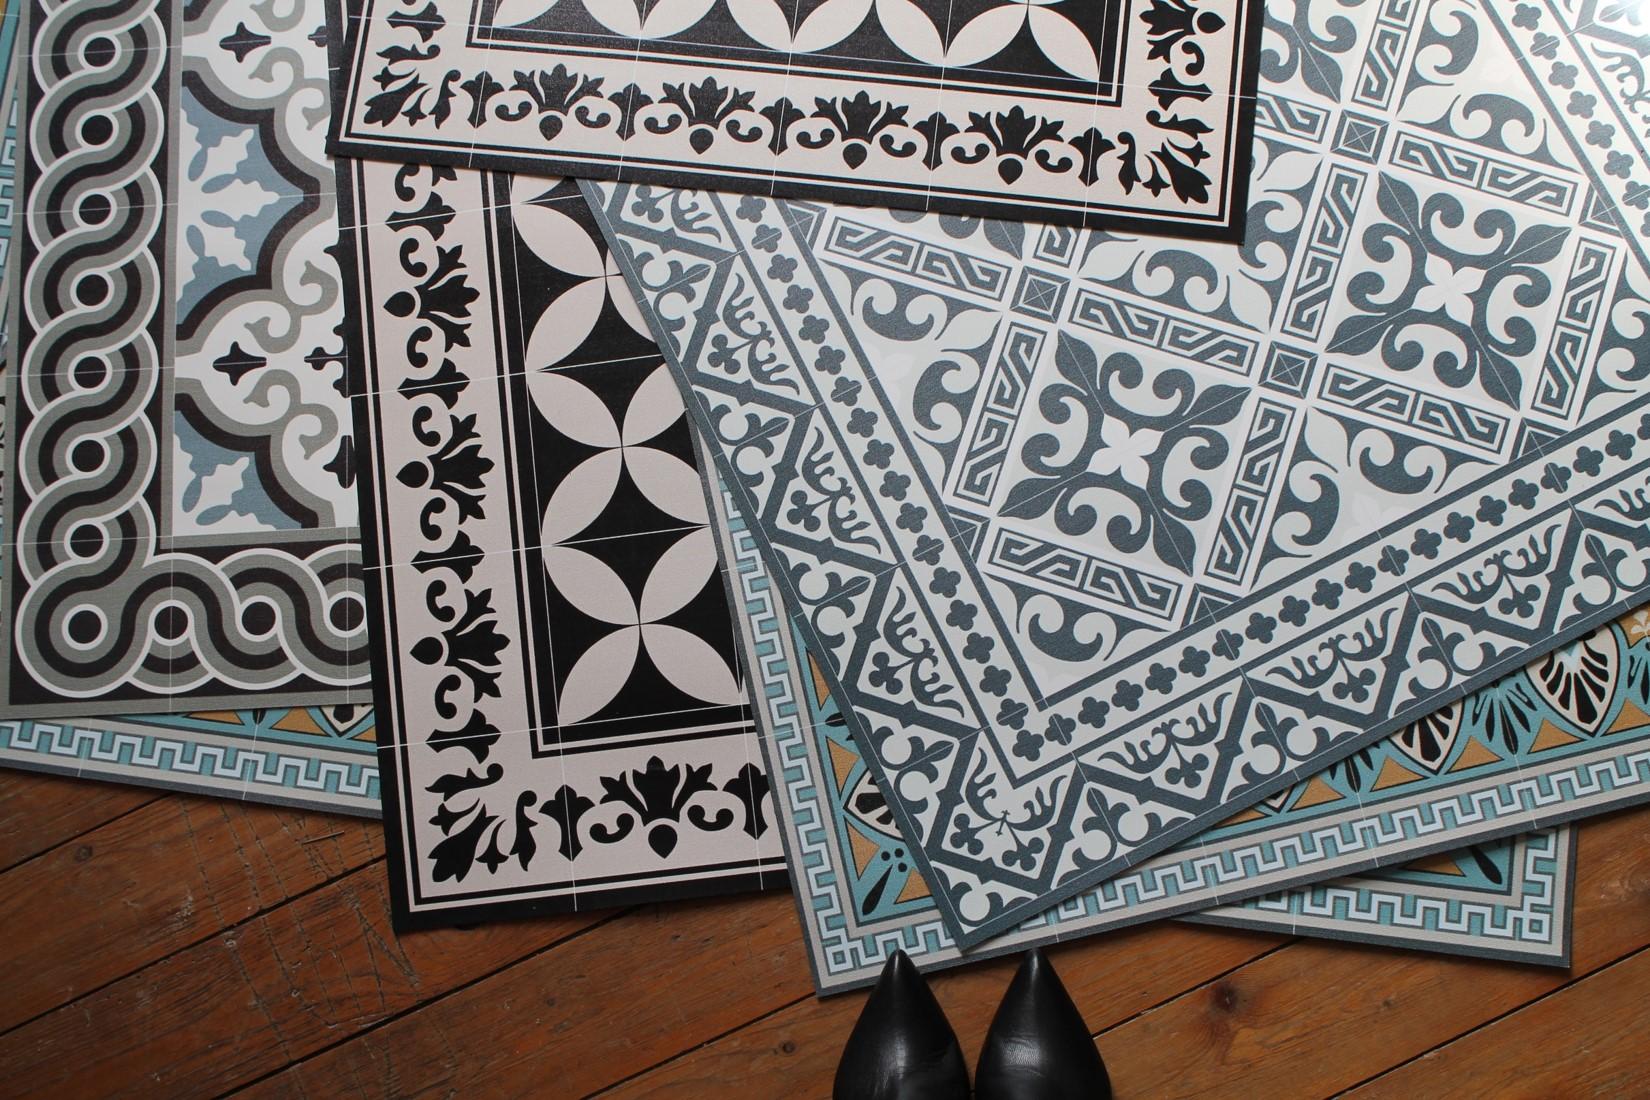 tapis vinyle imitation carreaux de ciment beija flor maison quinze